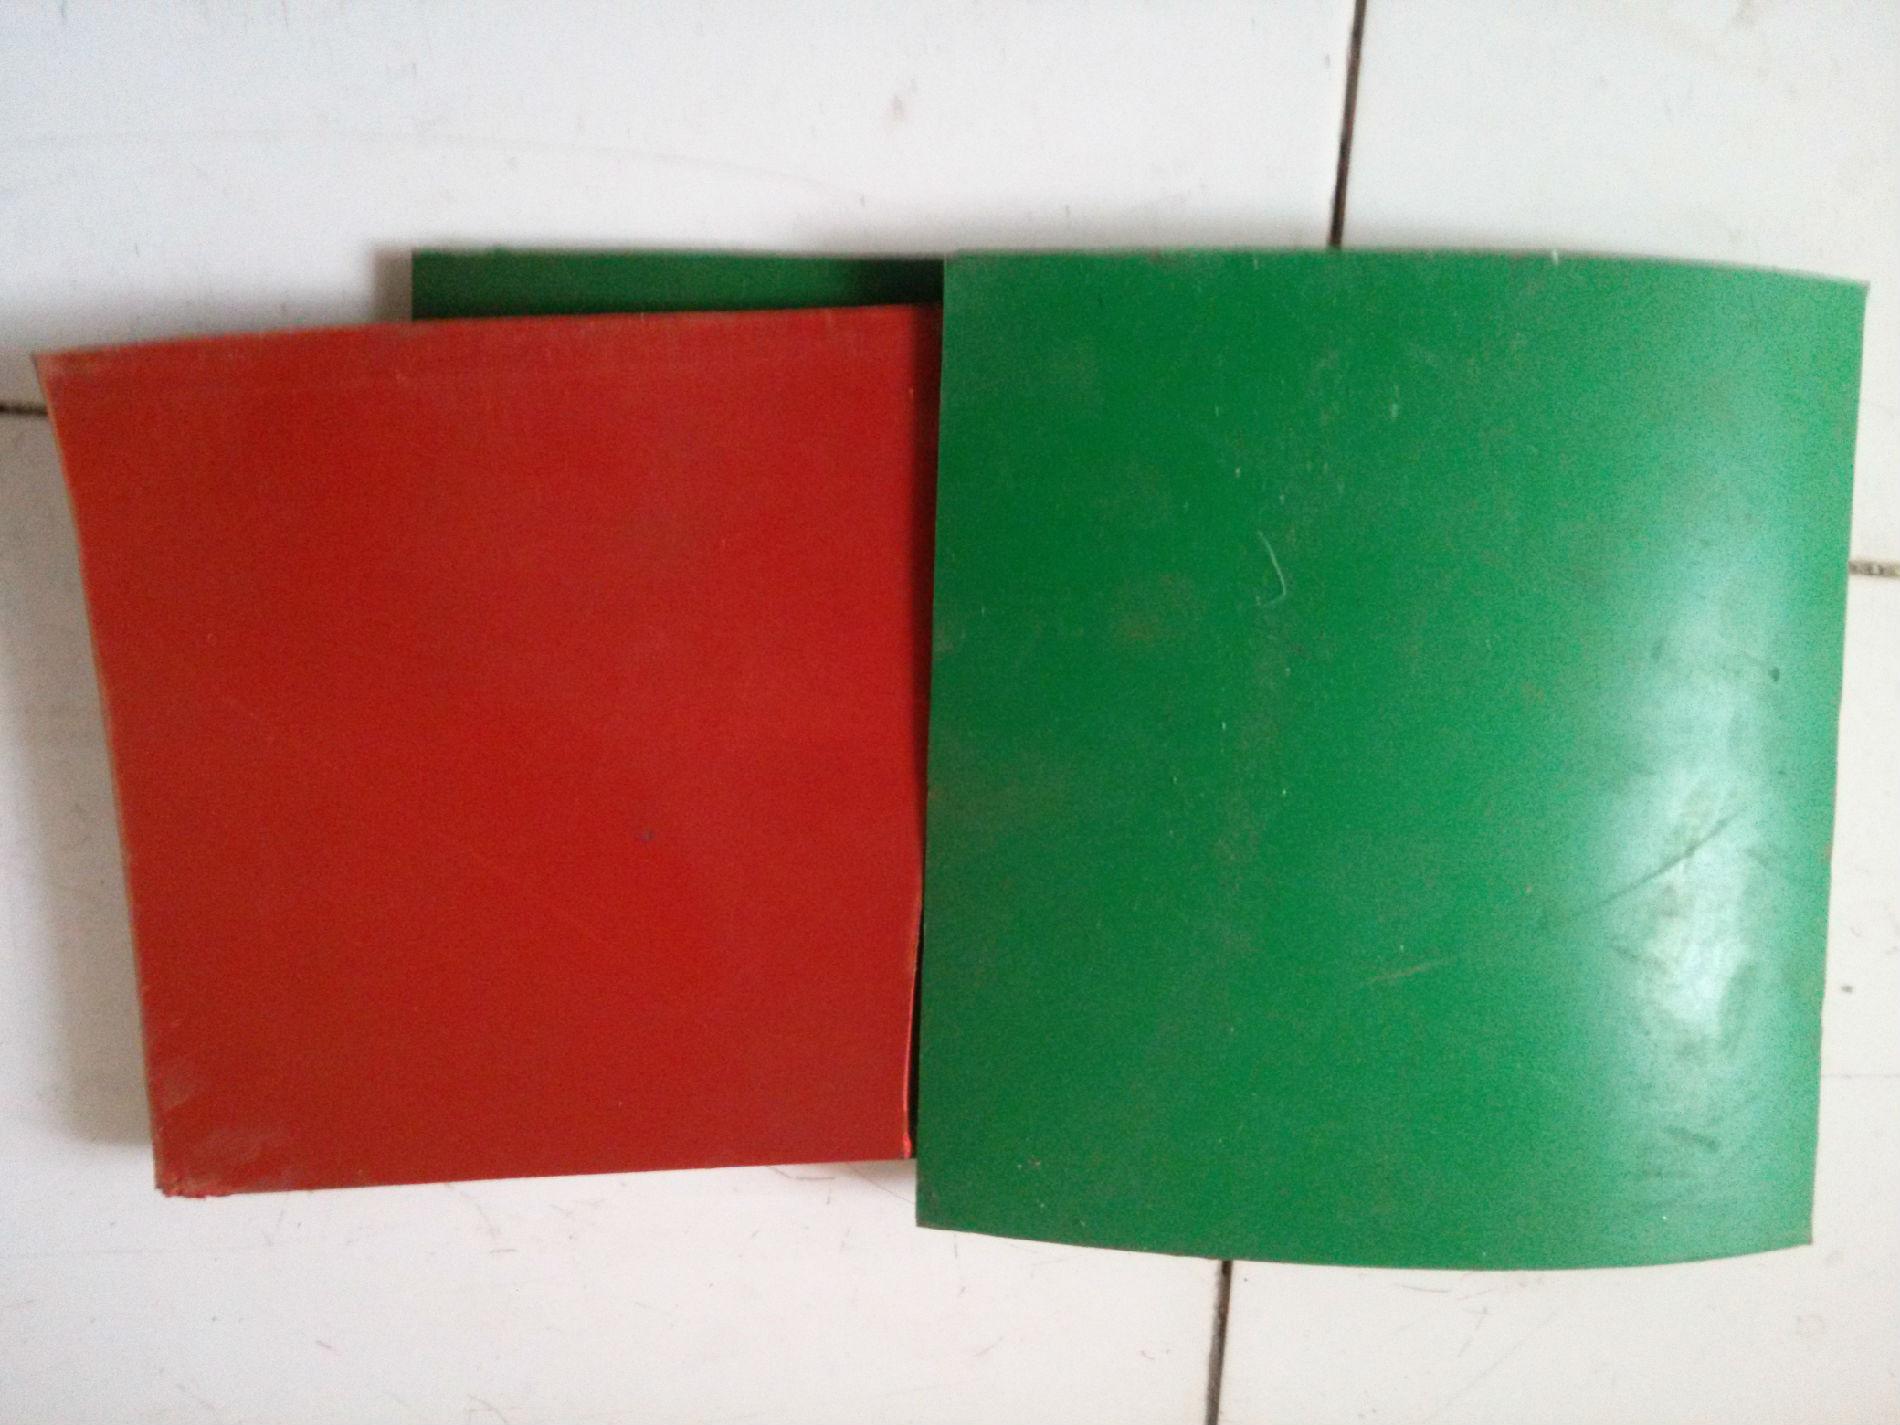 供应红色绝缘垫价格 20kv绝缘橡胶板厂家